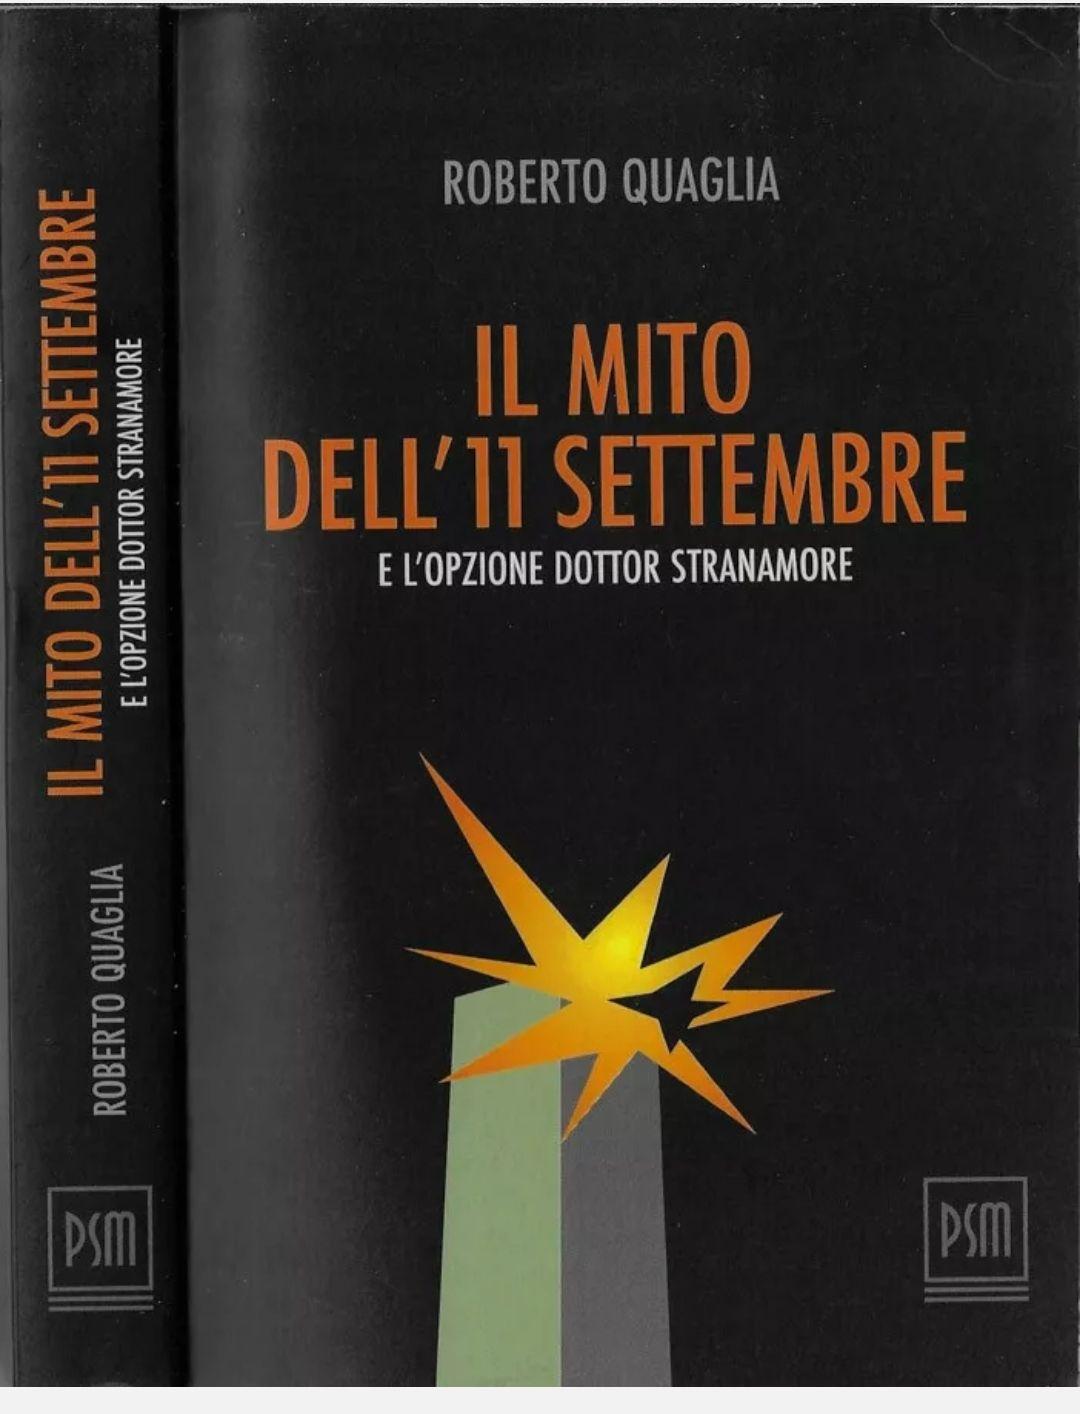 Il mito dell'11 settembre. L'opzione dottor stranamore. Roberto Quaglia. 2006: una teoria sconvolgente